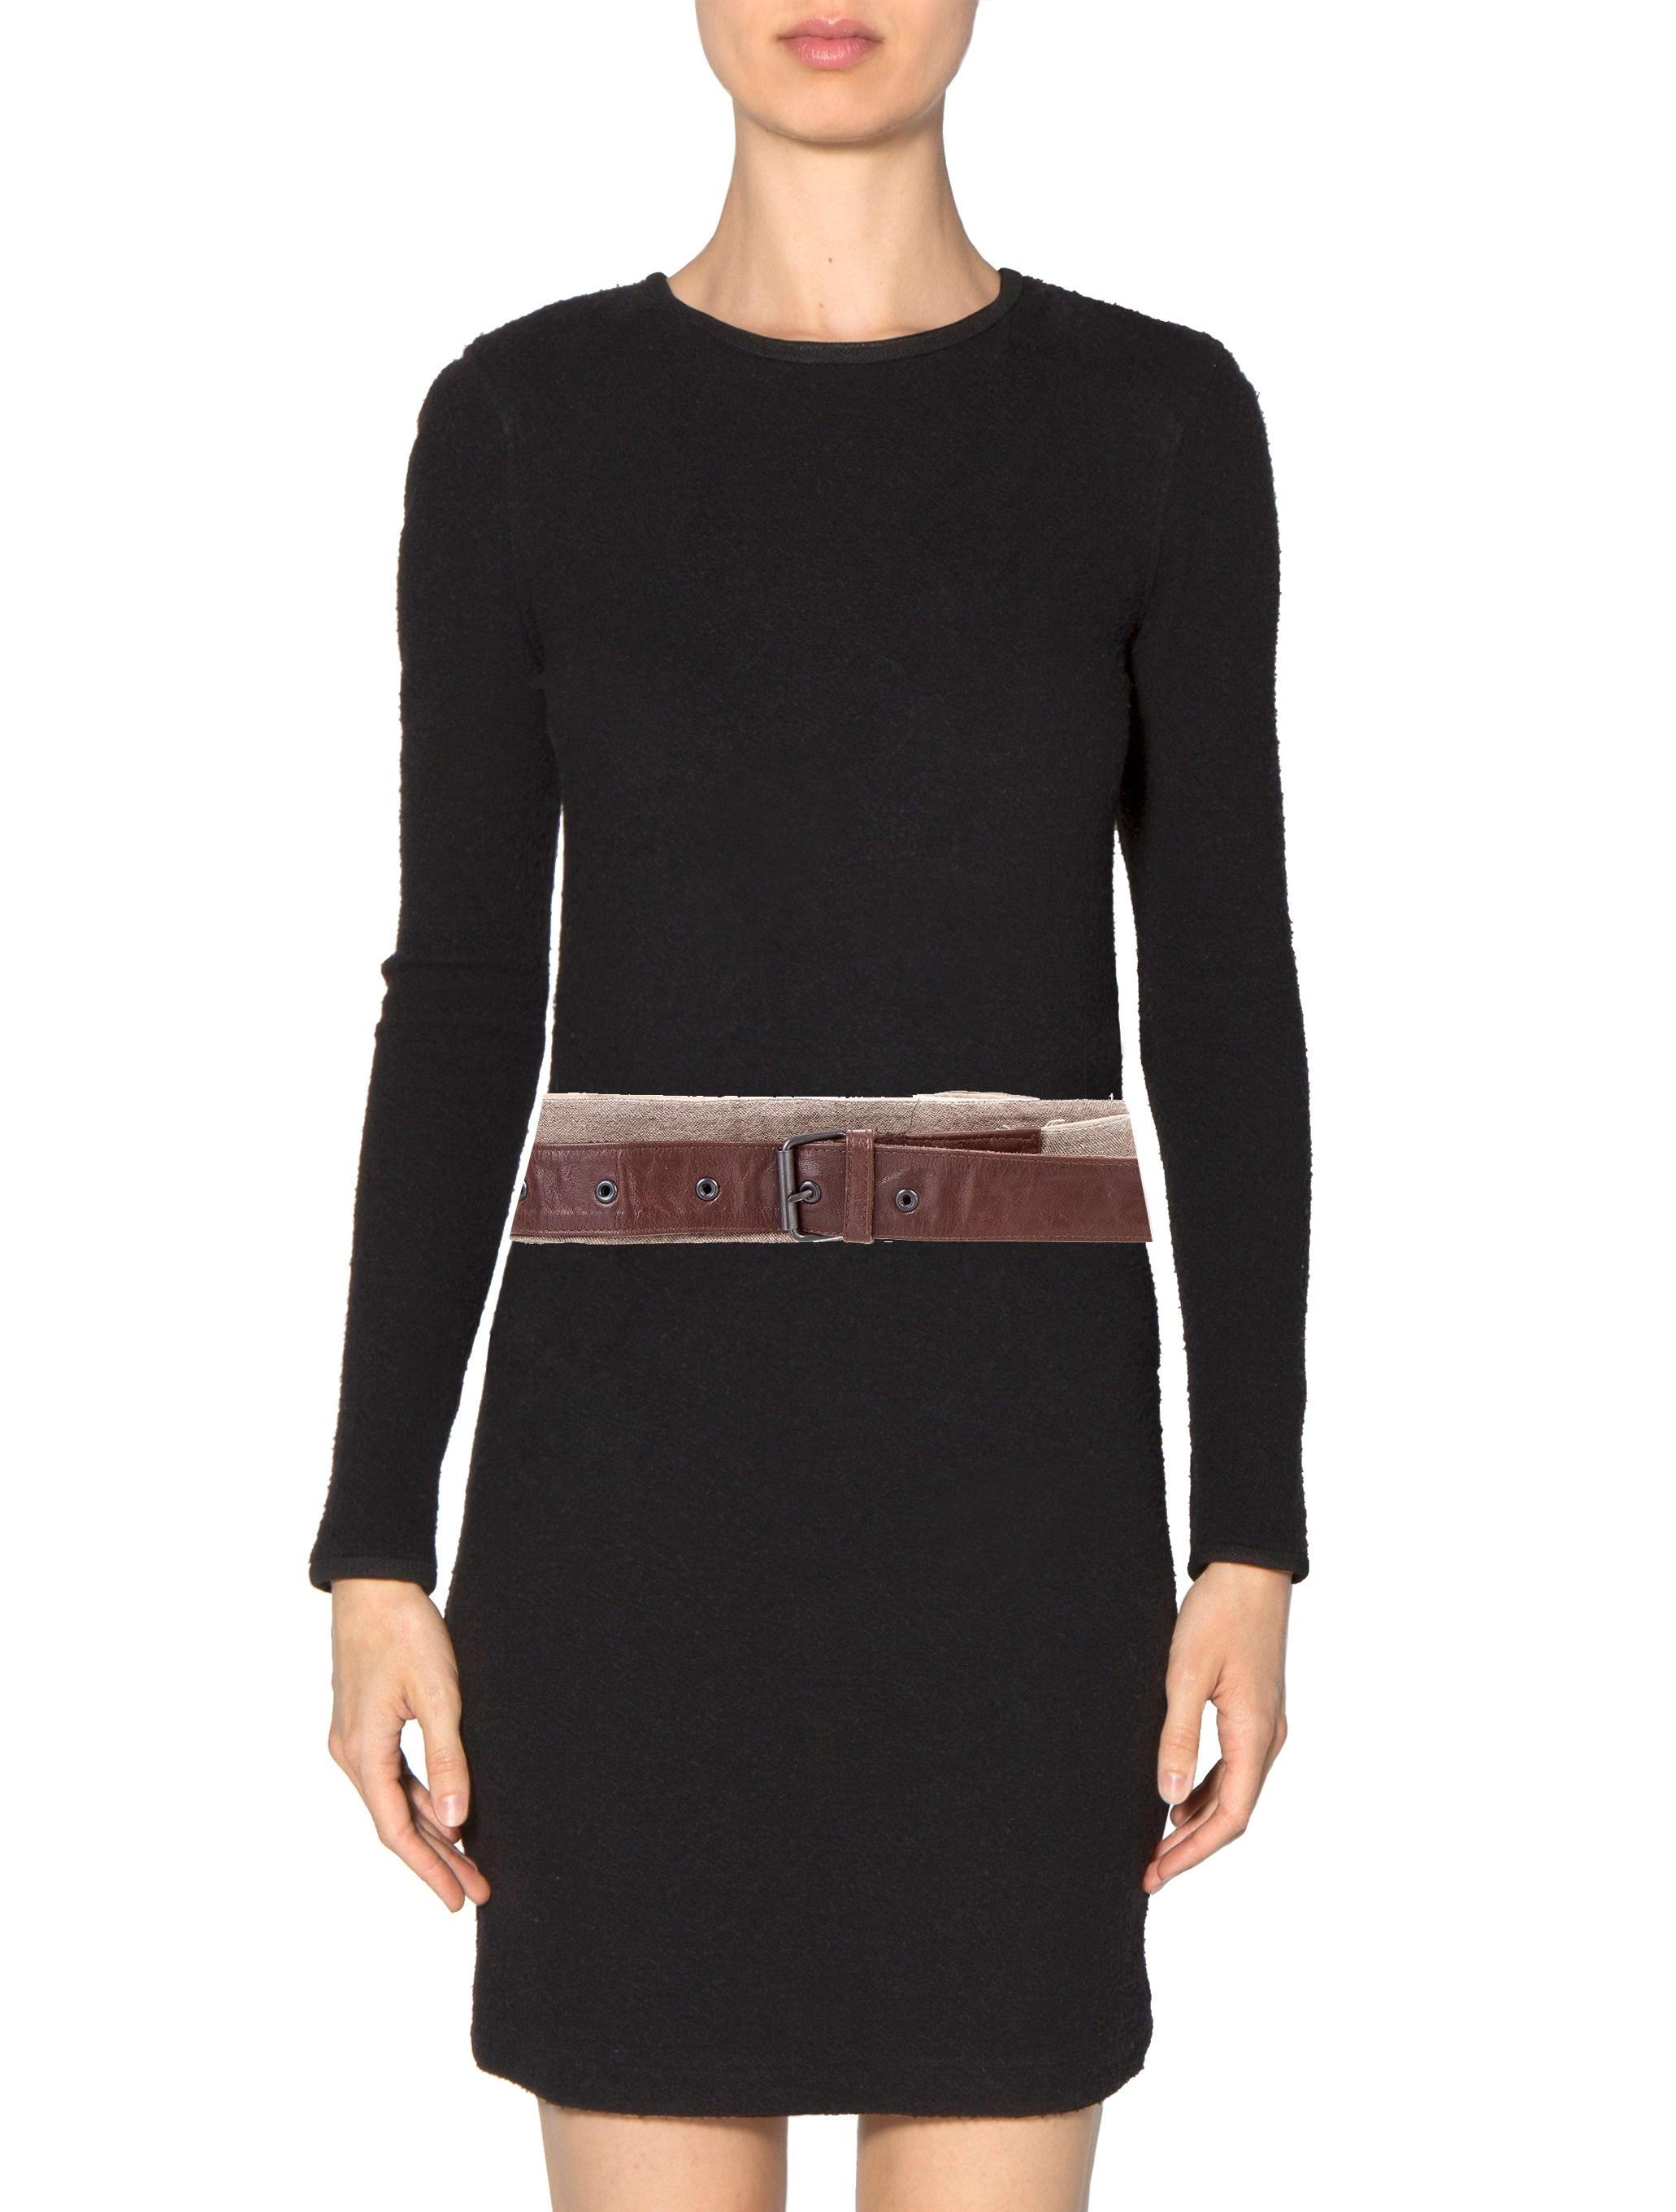 ivan grundahl leather wrap around belt accessories